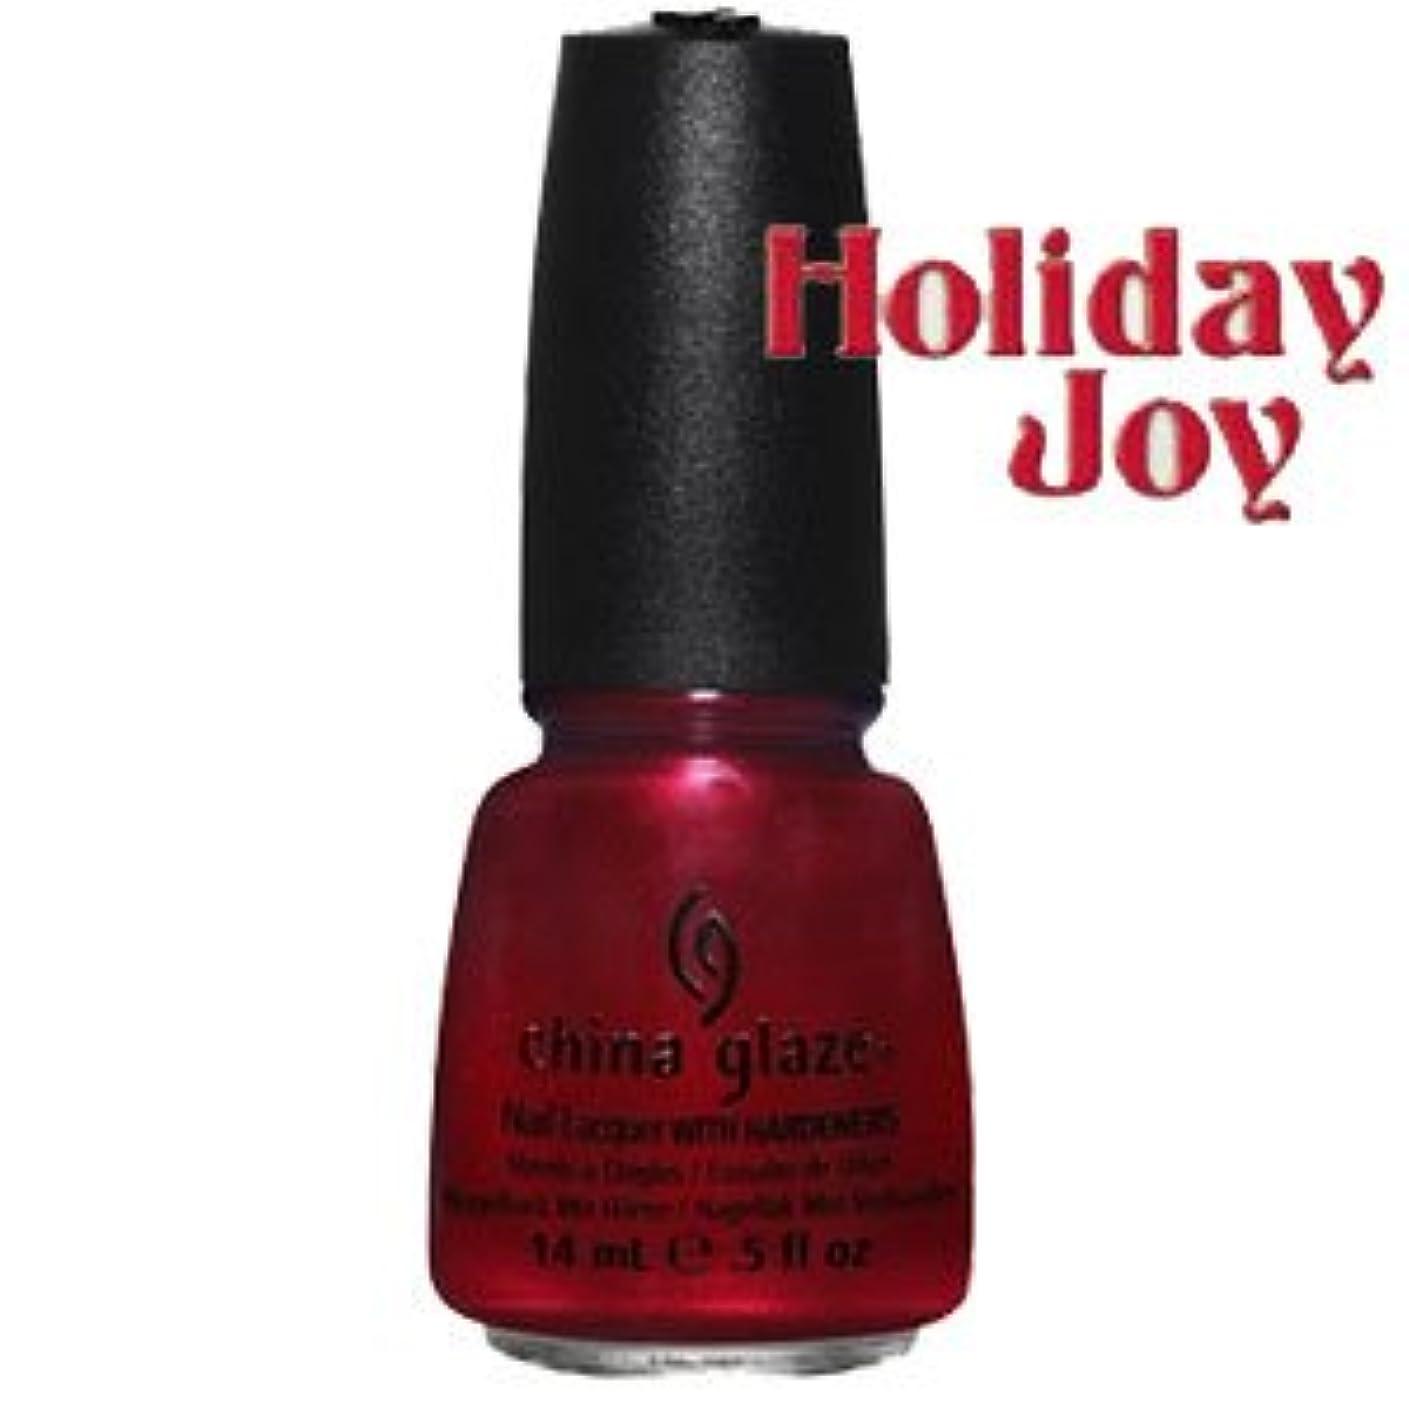 別々に南受け皿(チャイナグレイズ)China Glaze Cranberry Splashー'12Holiday Joy コレクション [海外直送品][並行輸入品]